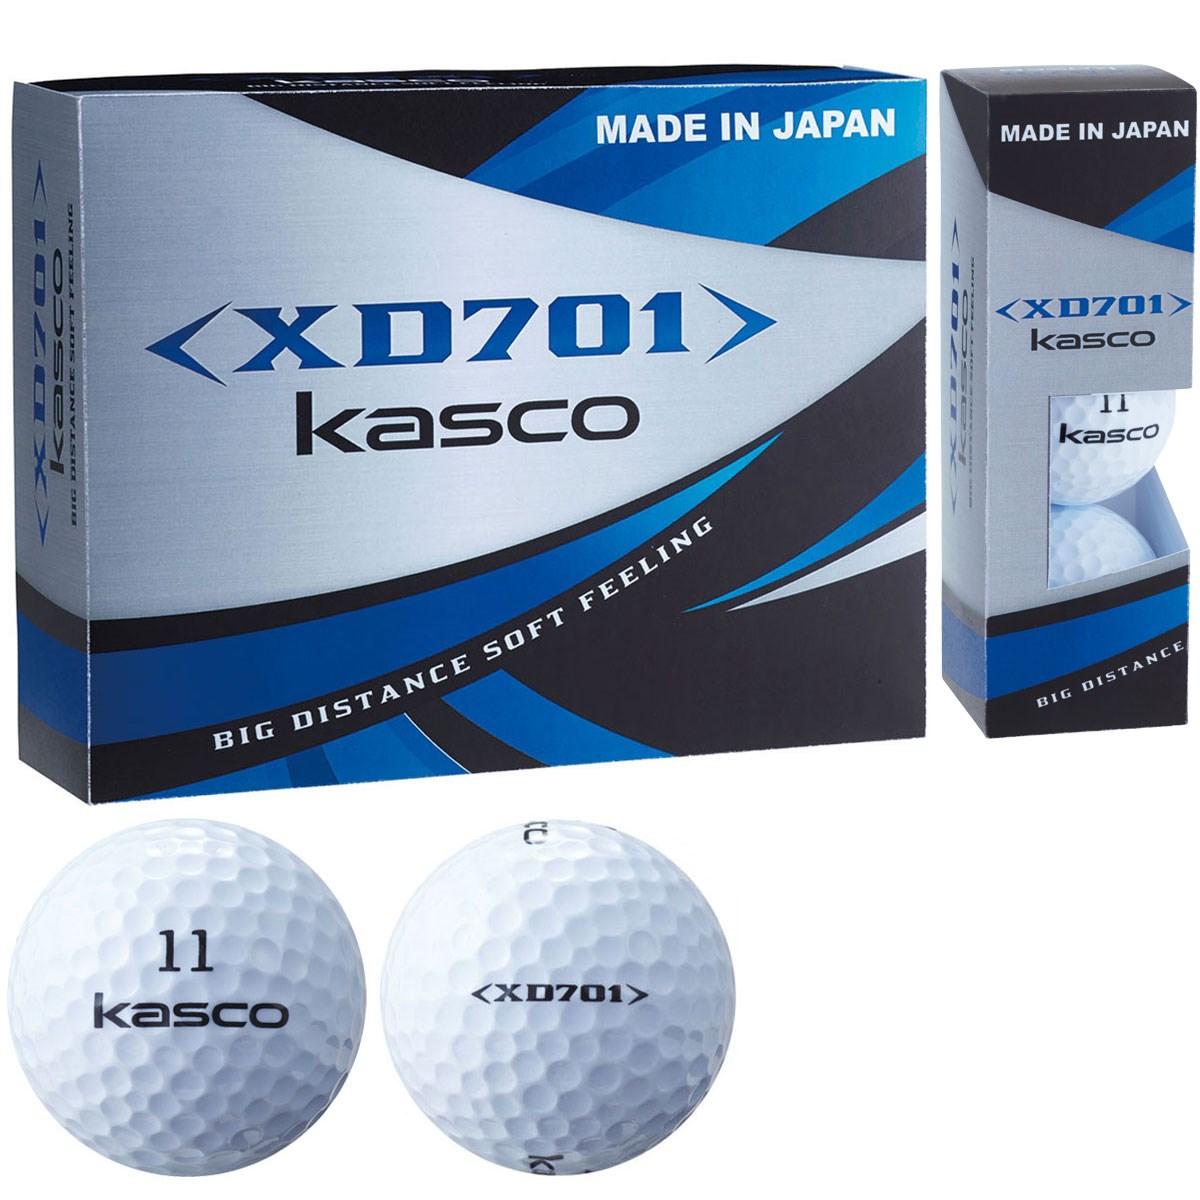 キャスコ(KASCO) XD701 2ピースボール